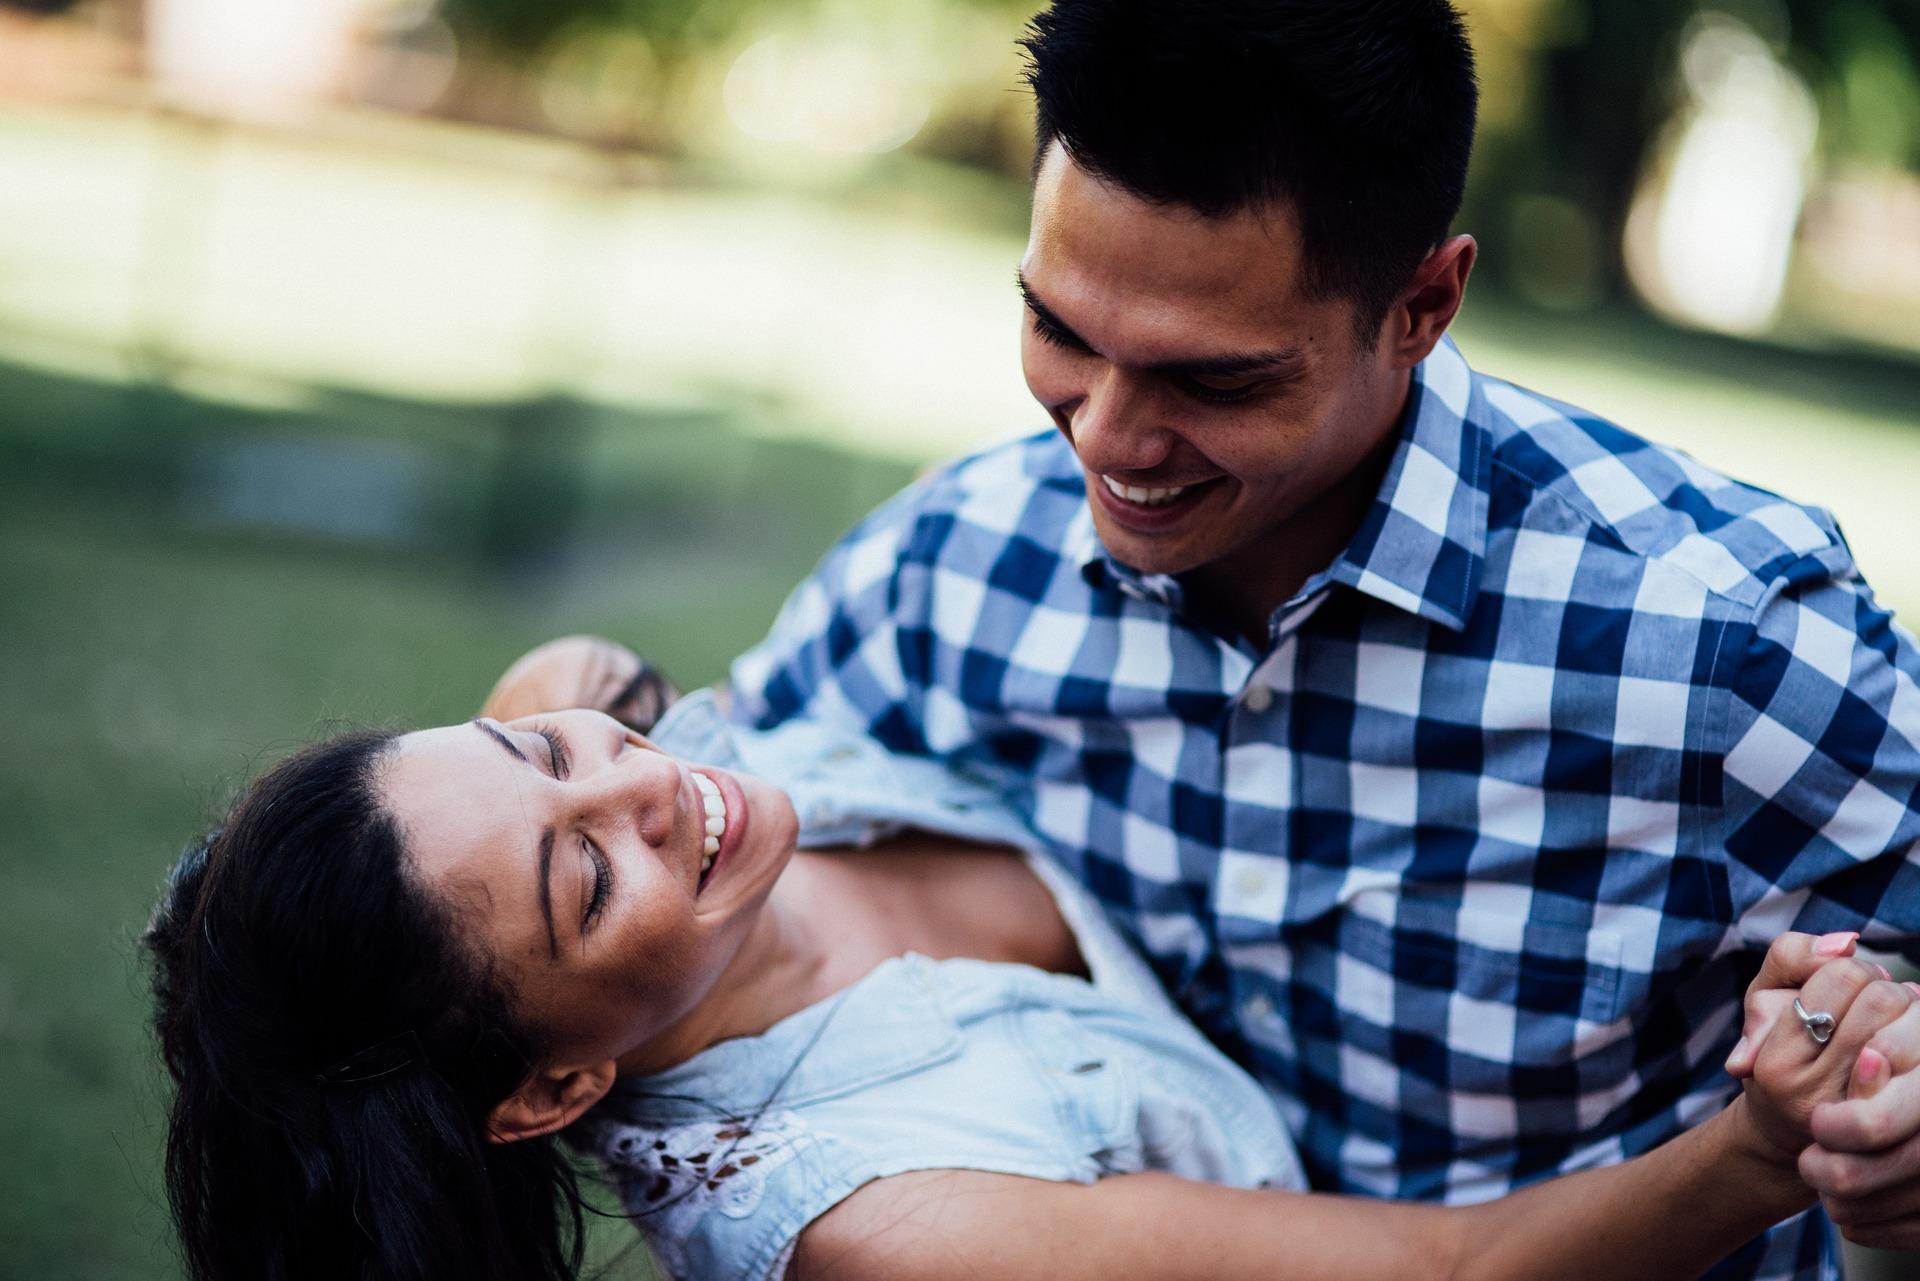 Limerck Latin Dating Site, Limerck Latino Personals, Limerck